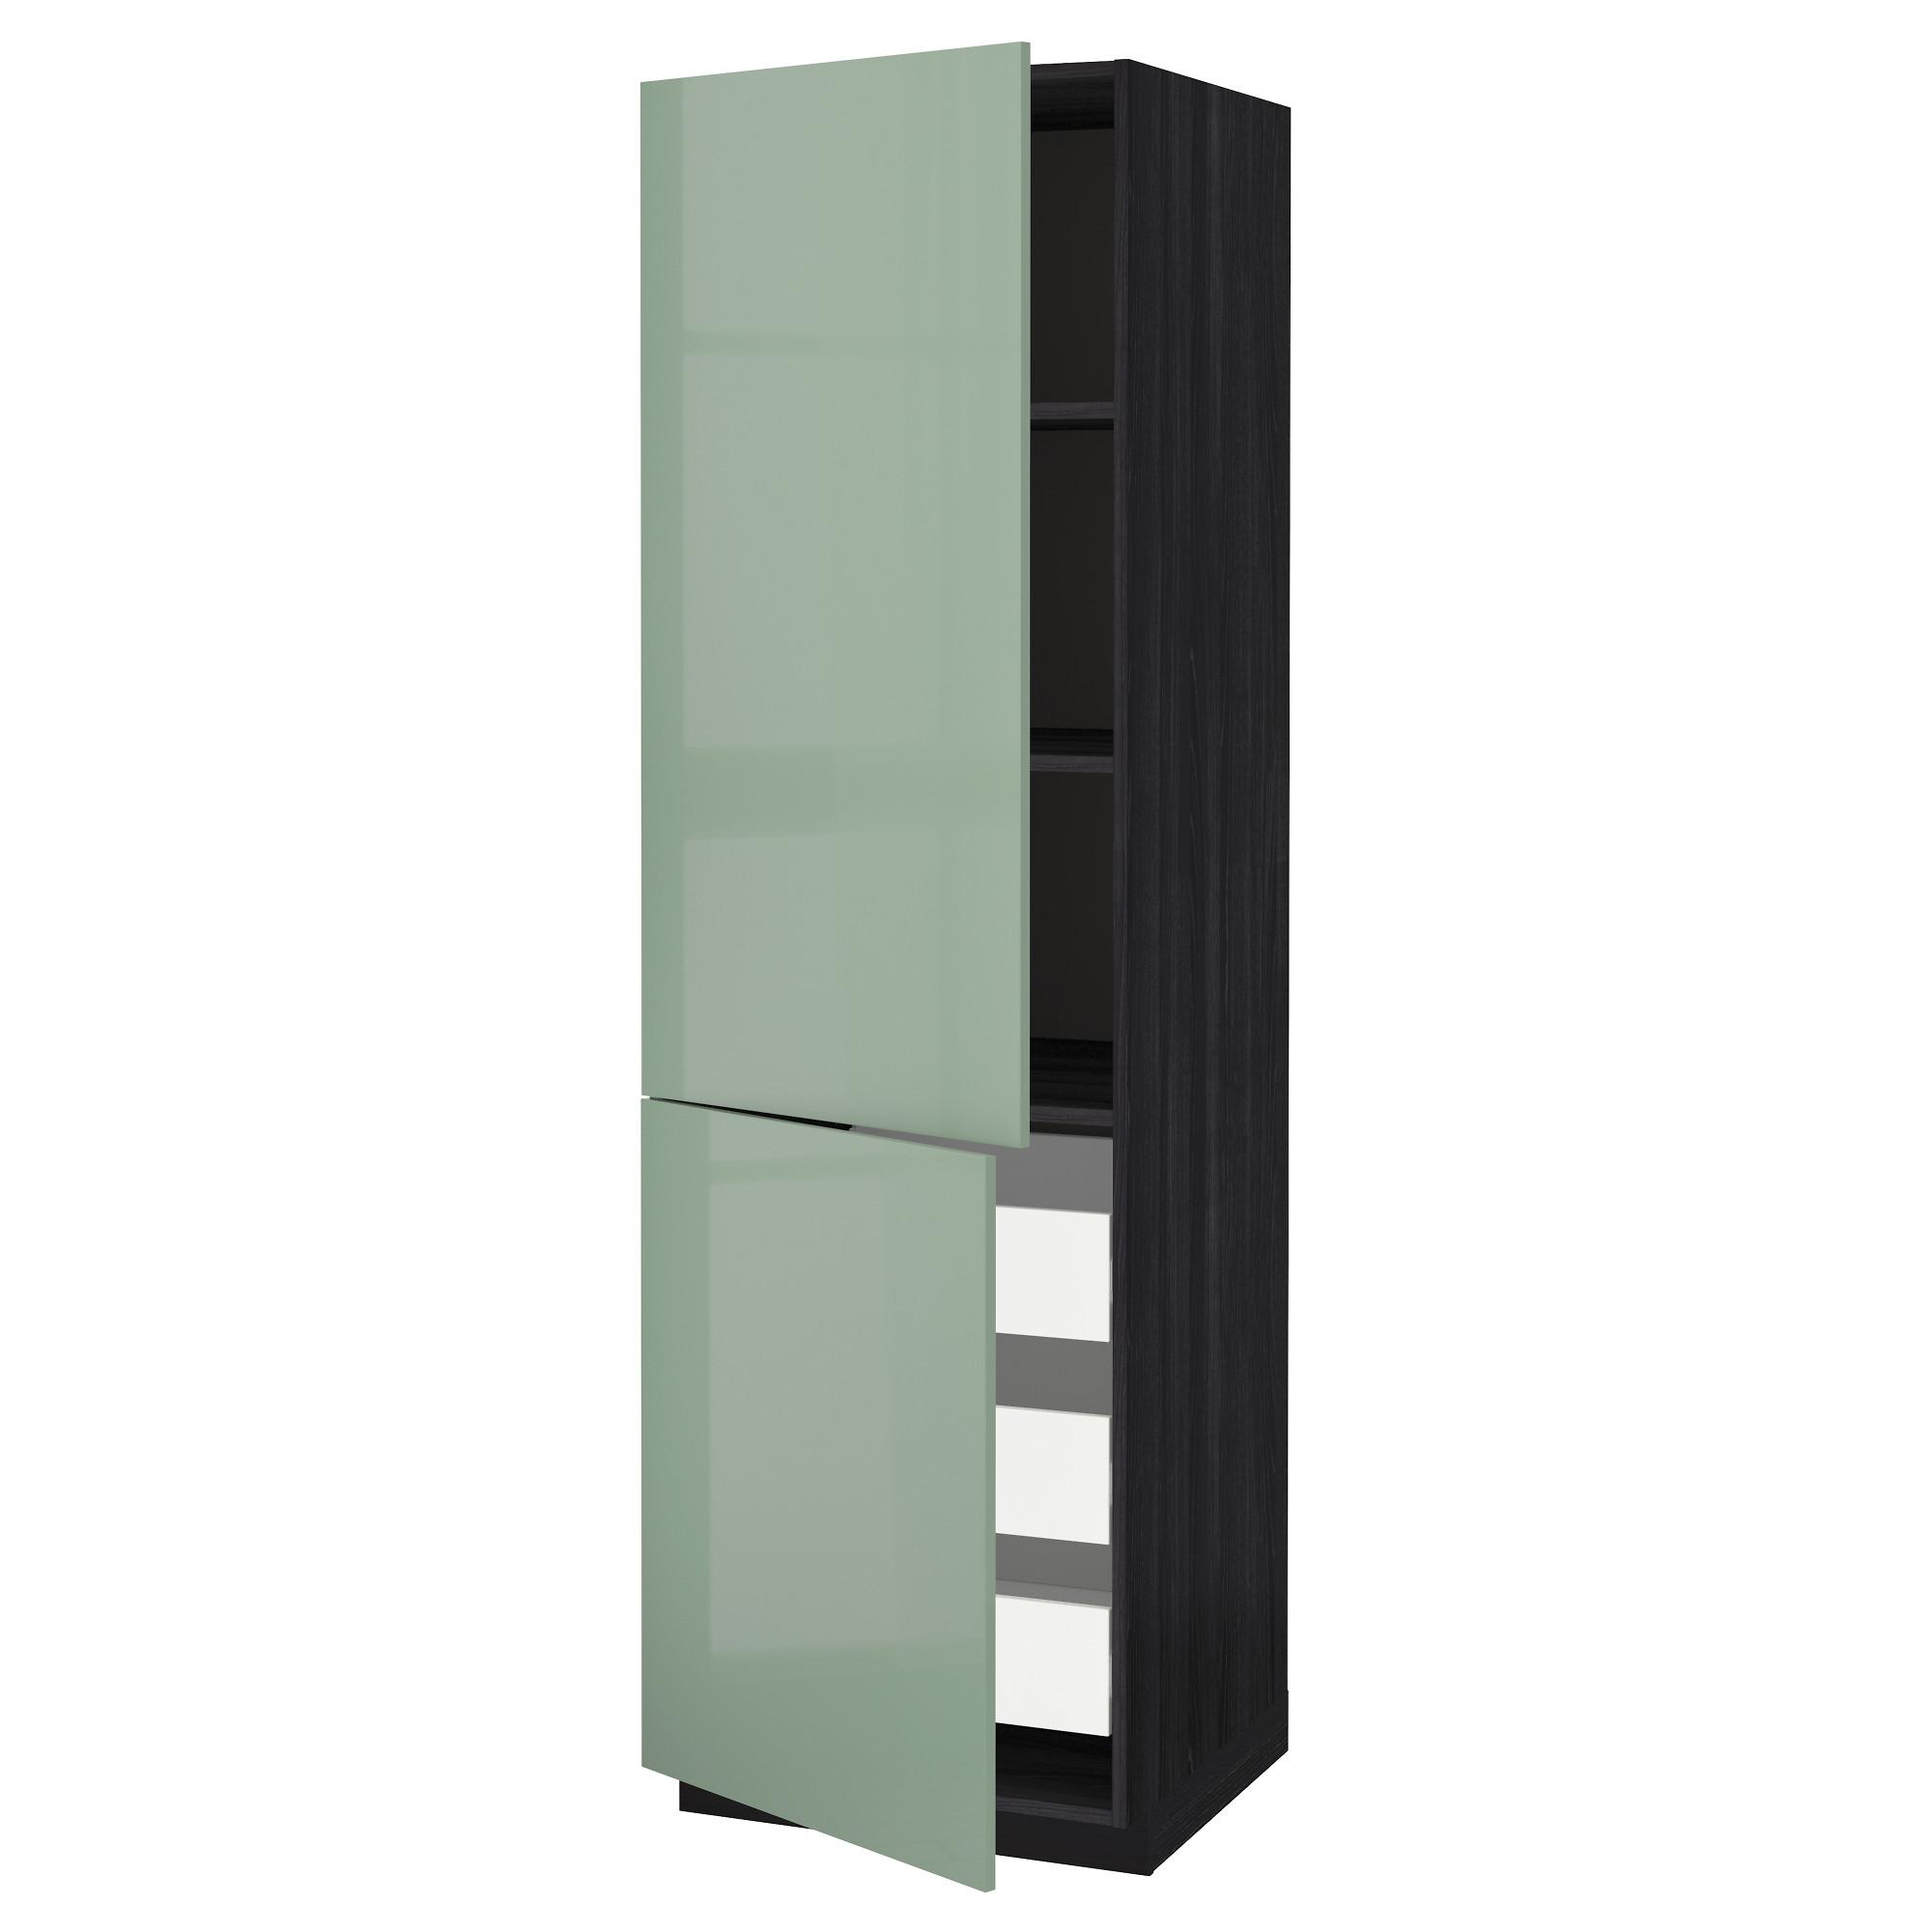 Высокий шкаф + полки, 3 ящика, 2 дверцы МЕТОД / ФОРВАРА черный артикуль № 692.657.81 в наличии. Онлайн сайт IKEA РБ. Недорогая доставка и установка.